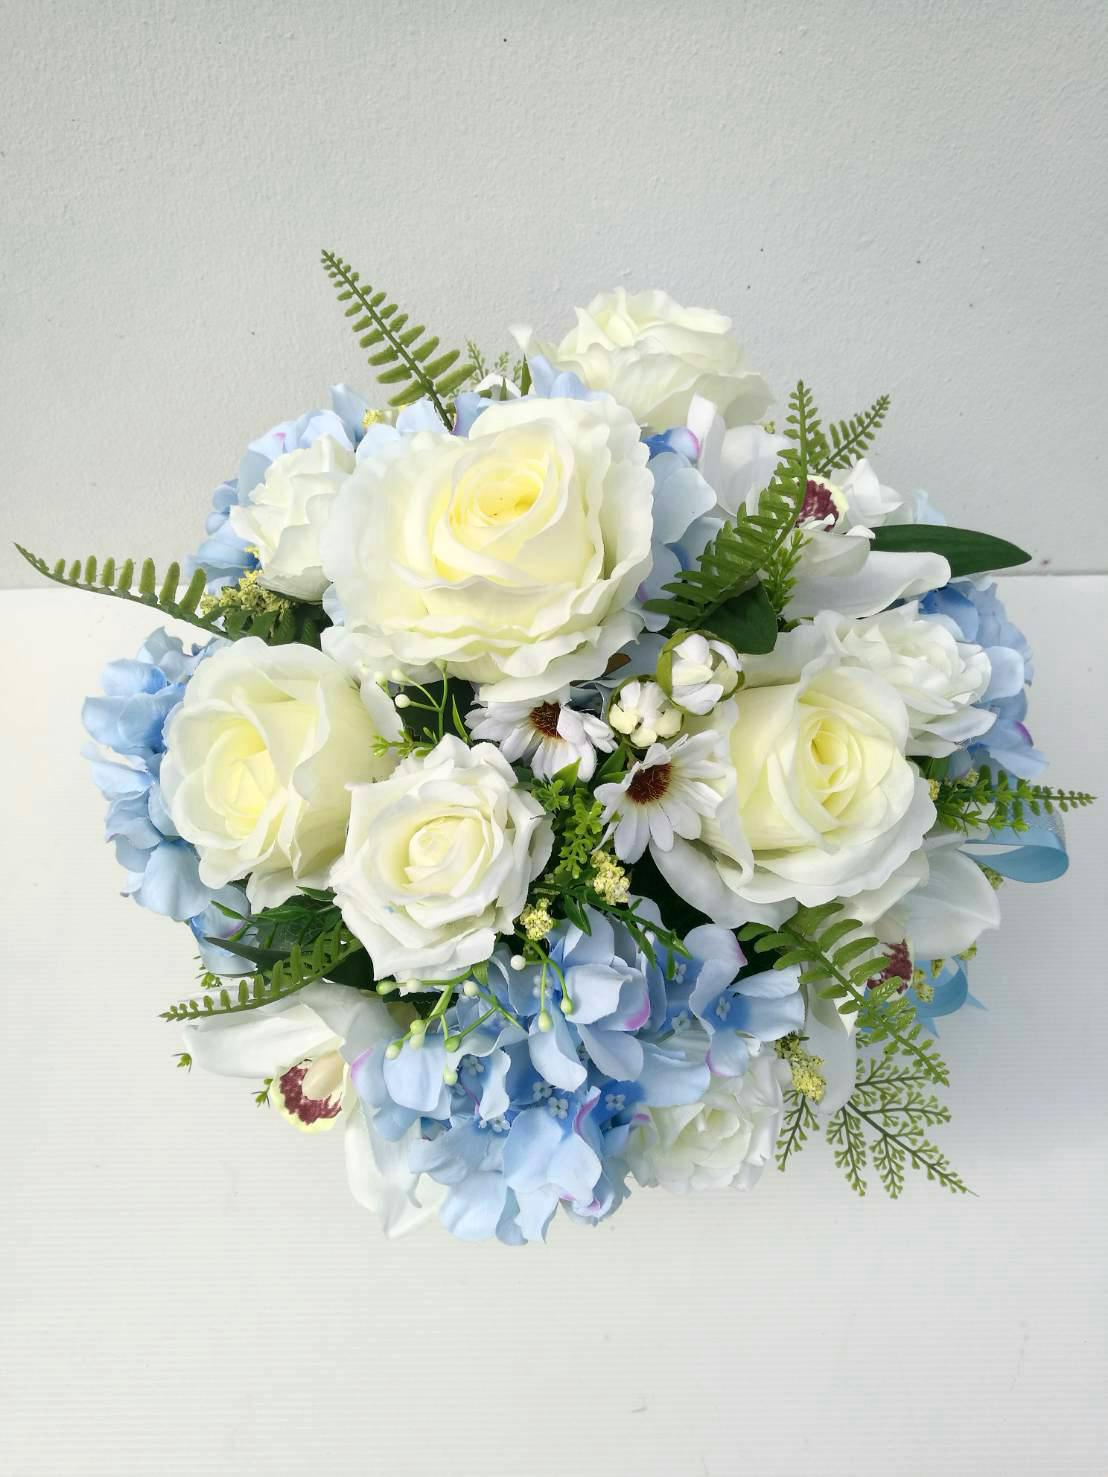 แจกันดอกไม้ประดิษฐ์ทรงกลมโทนฟ้า-ขาว รหัส 4009